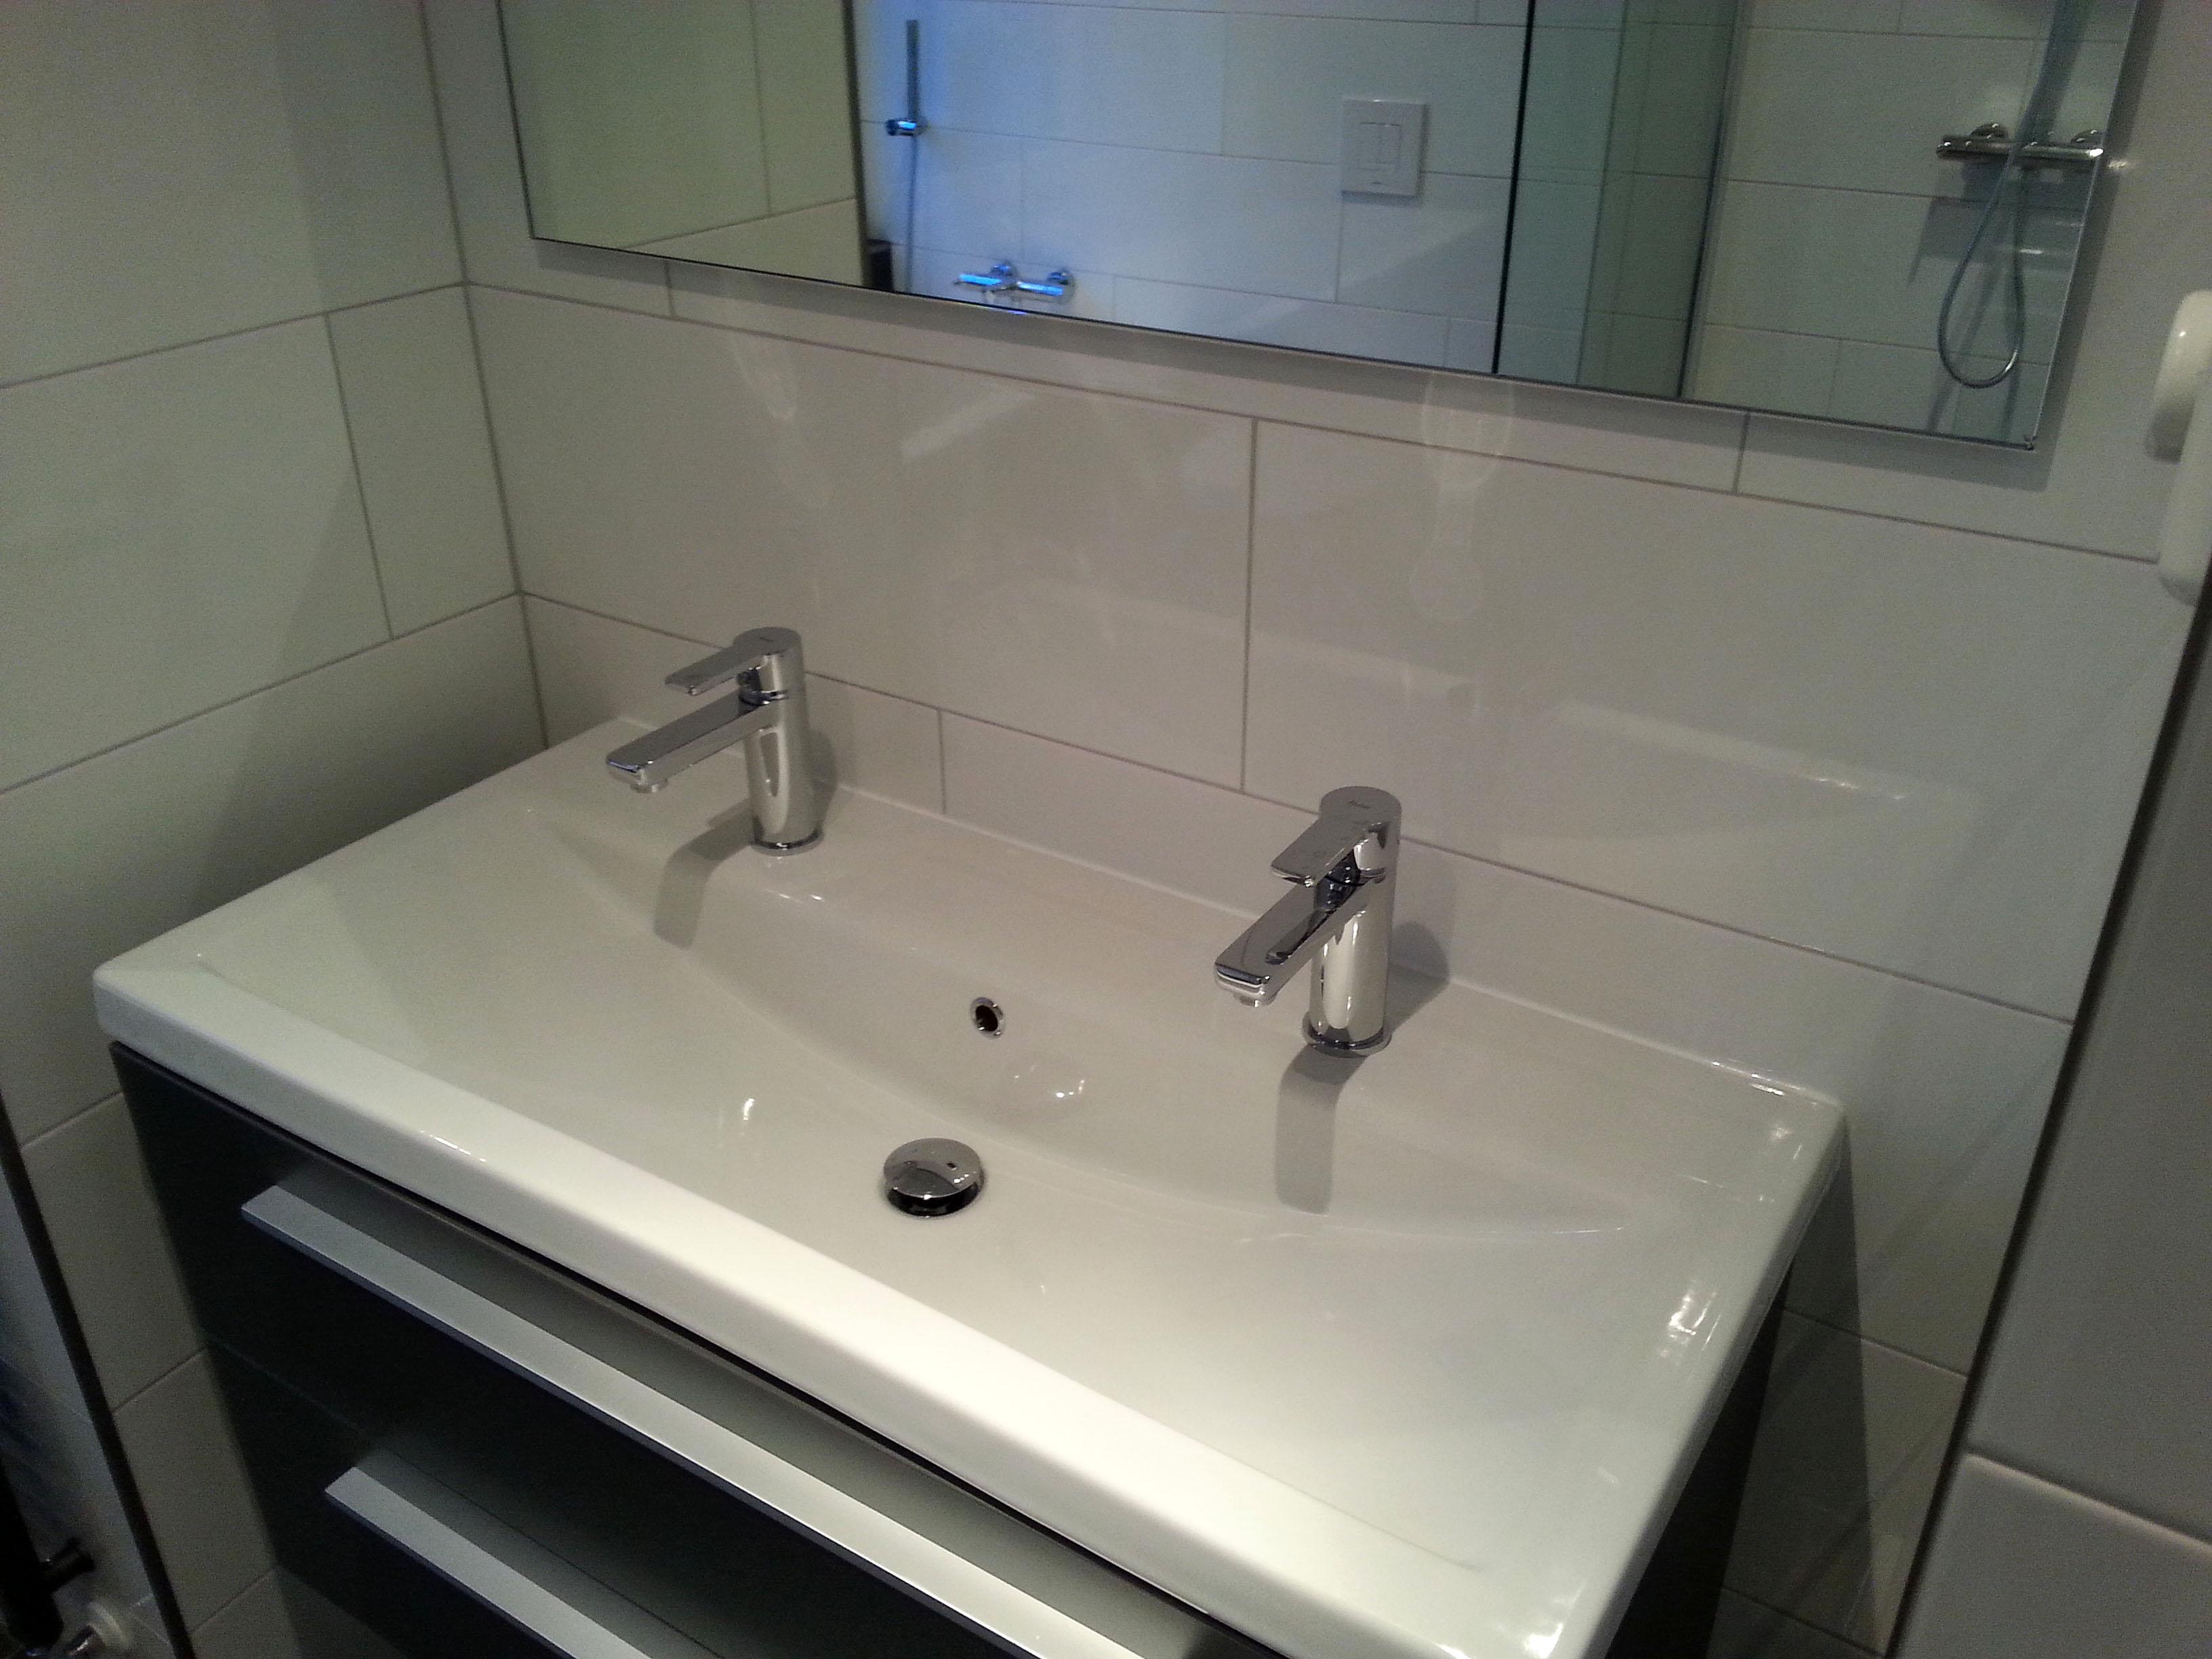 Meer ruimte door nieuwe indeling badkamer - BeterBert klusbedrijf